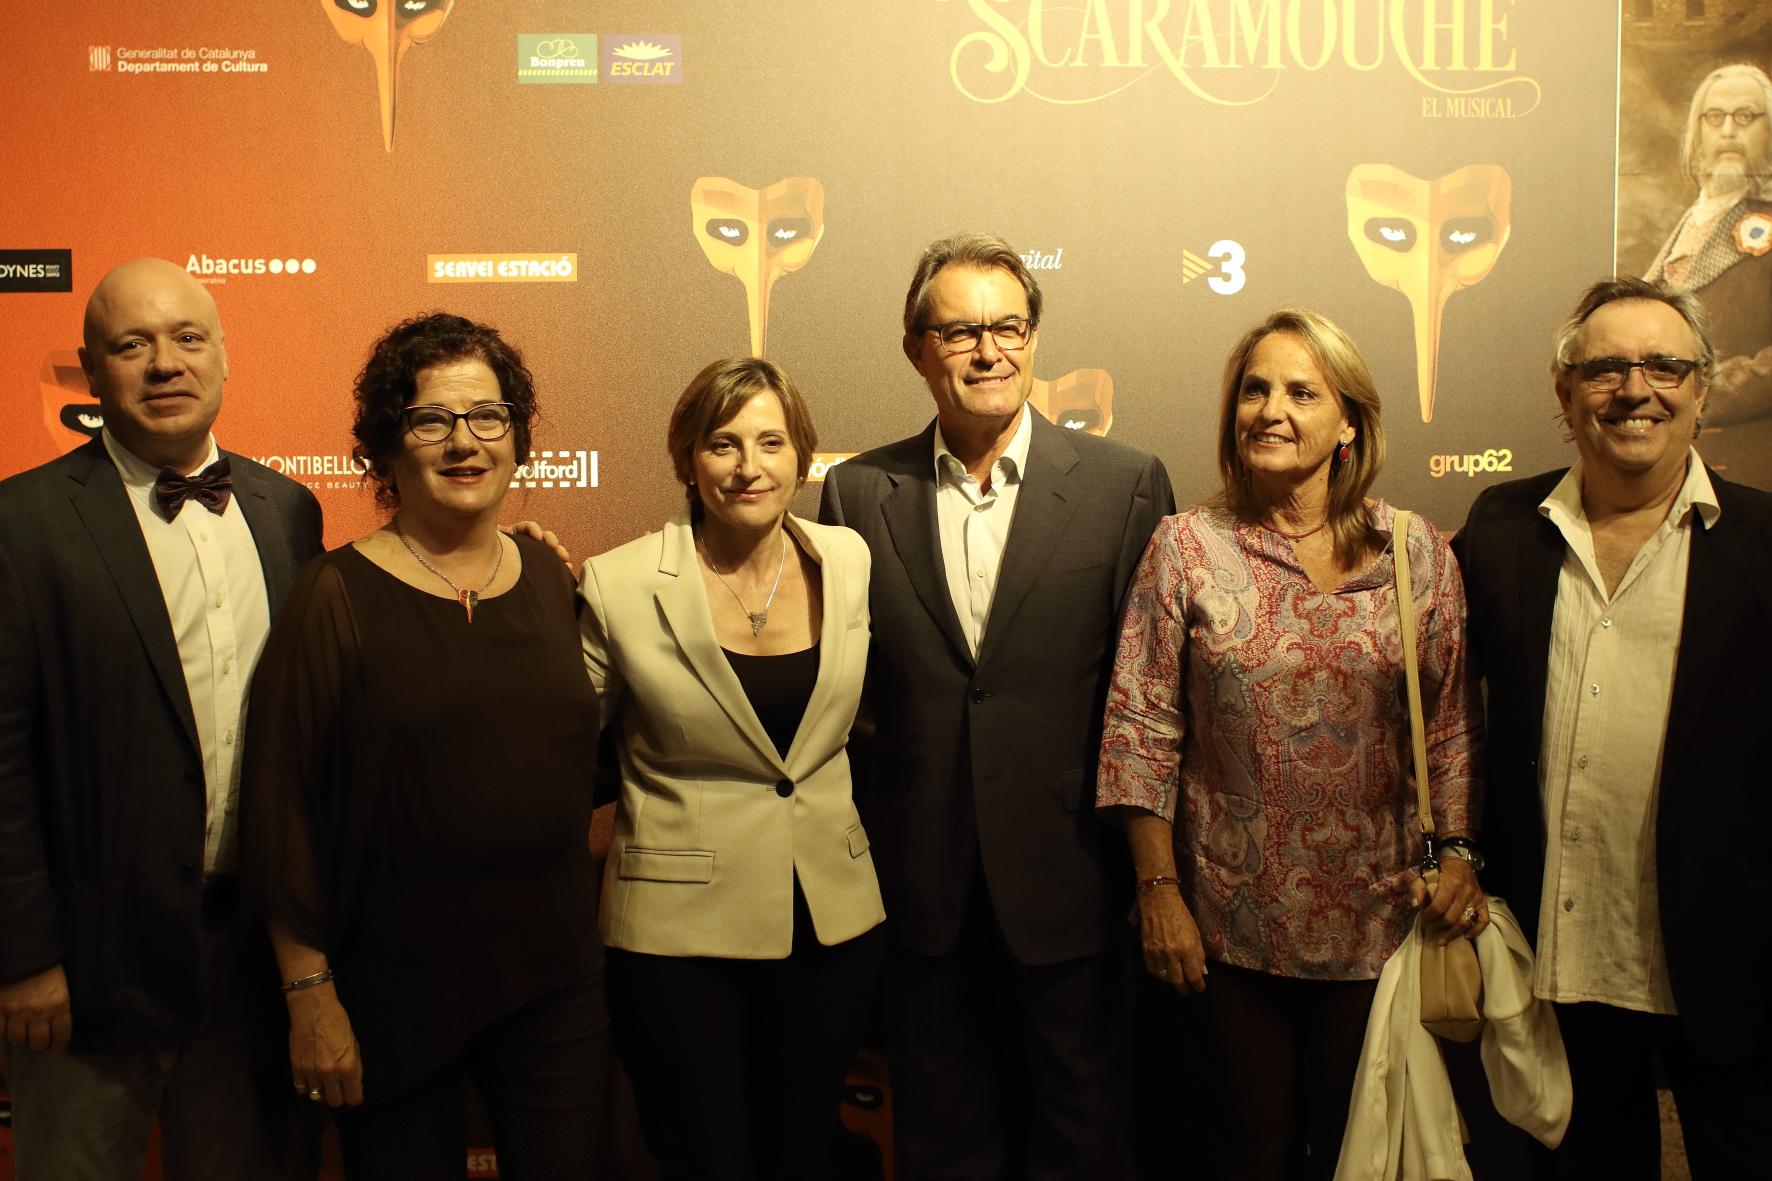 """Merecido estreno del musical """"Scaramouche"""" en el Teatre Victòria"""